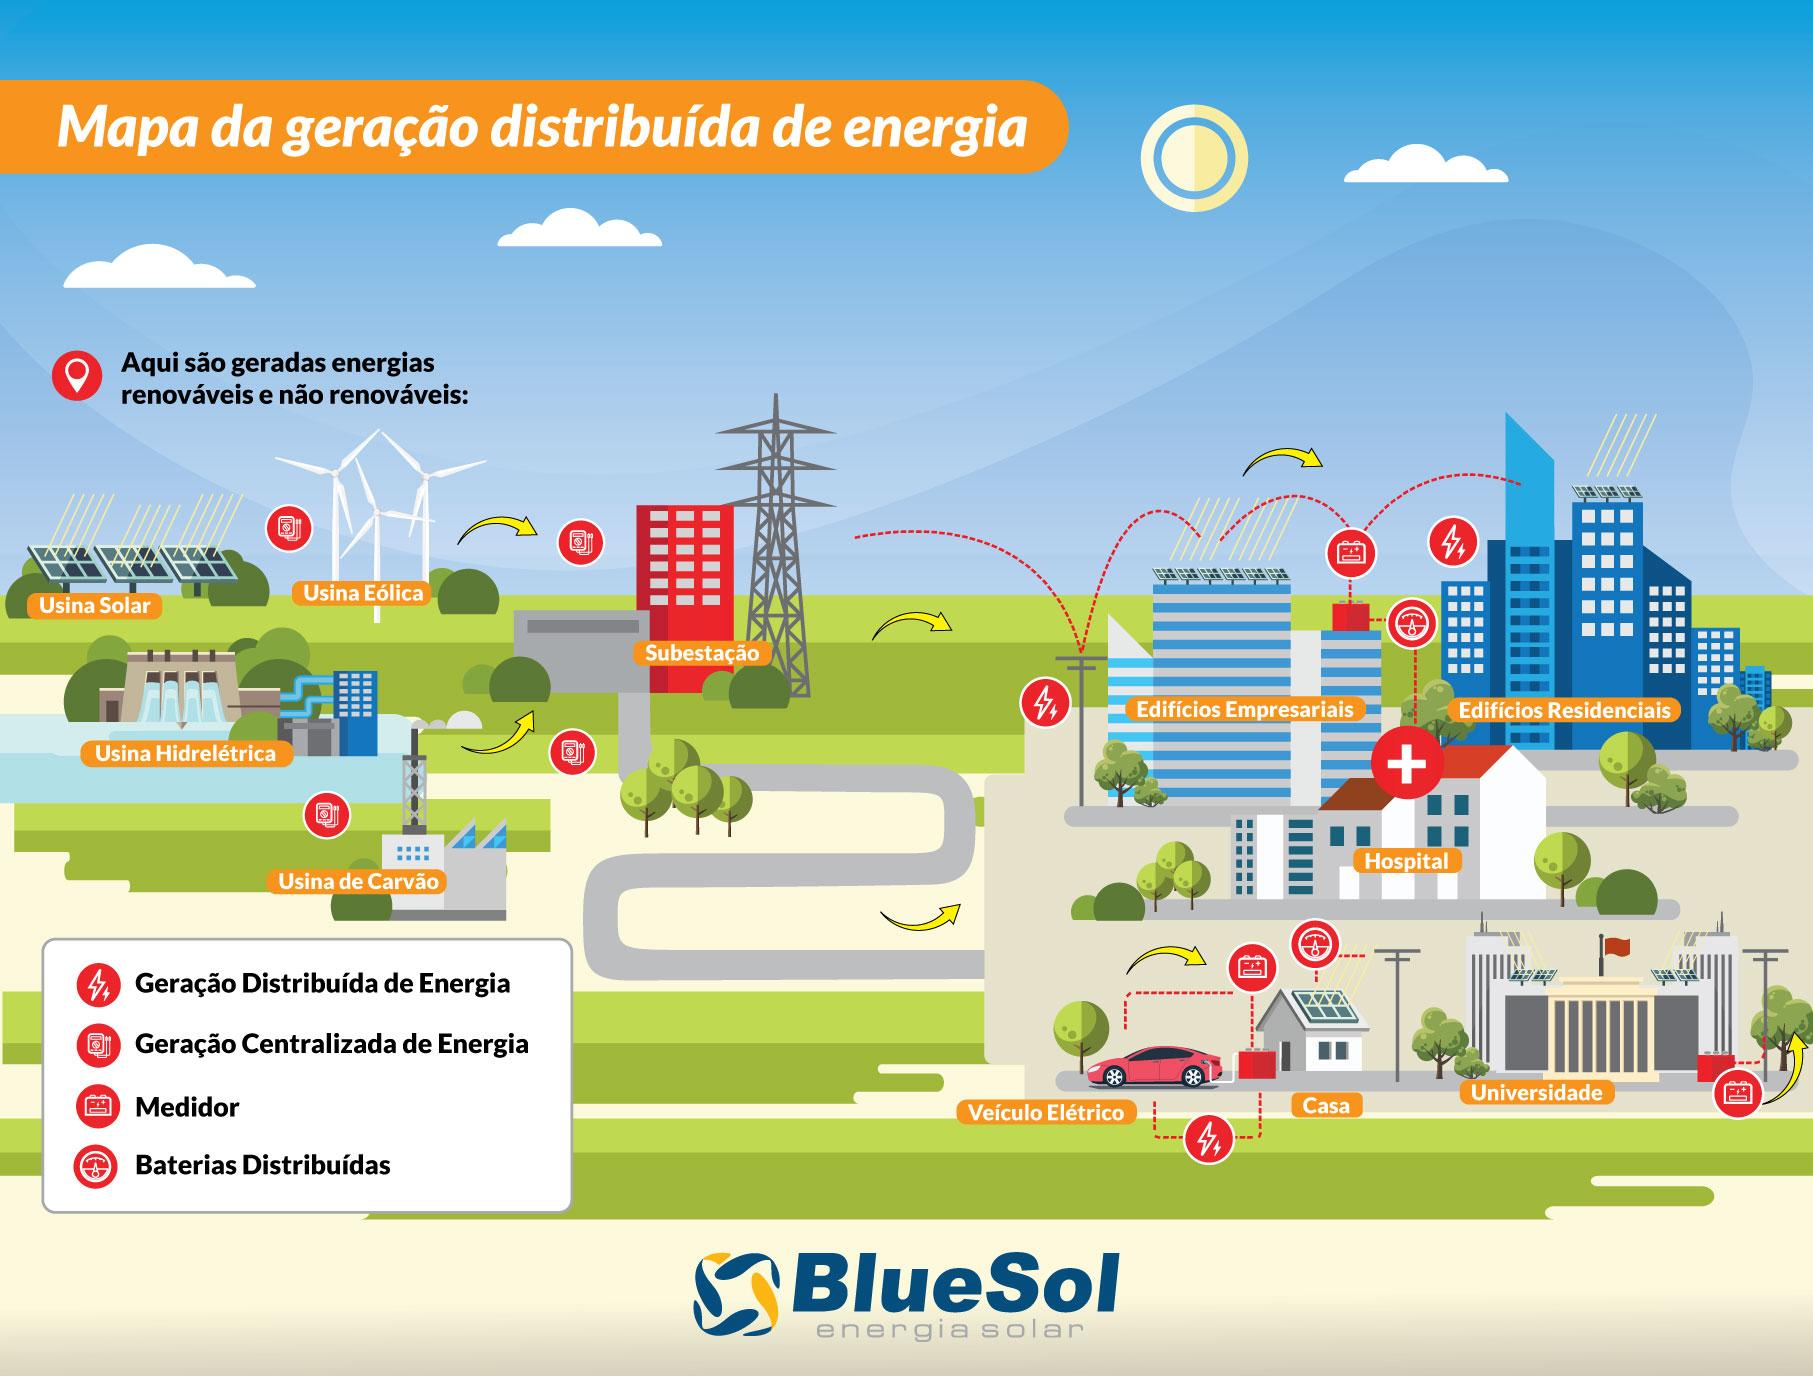 Energia Solar no Brasil: Mapa da Geração Distribuída